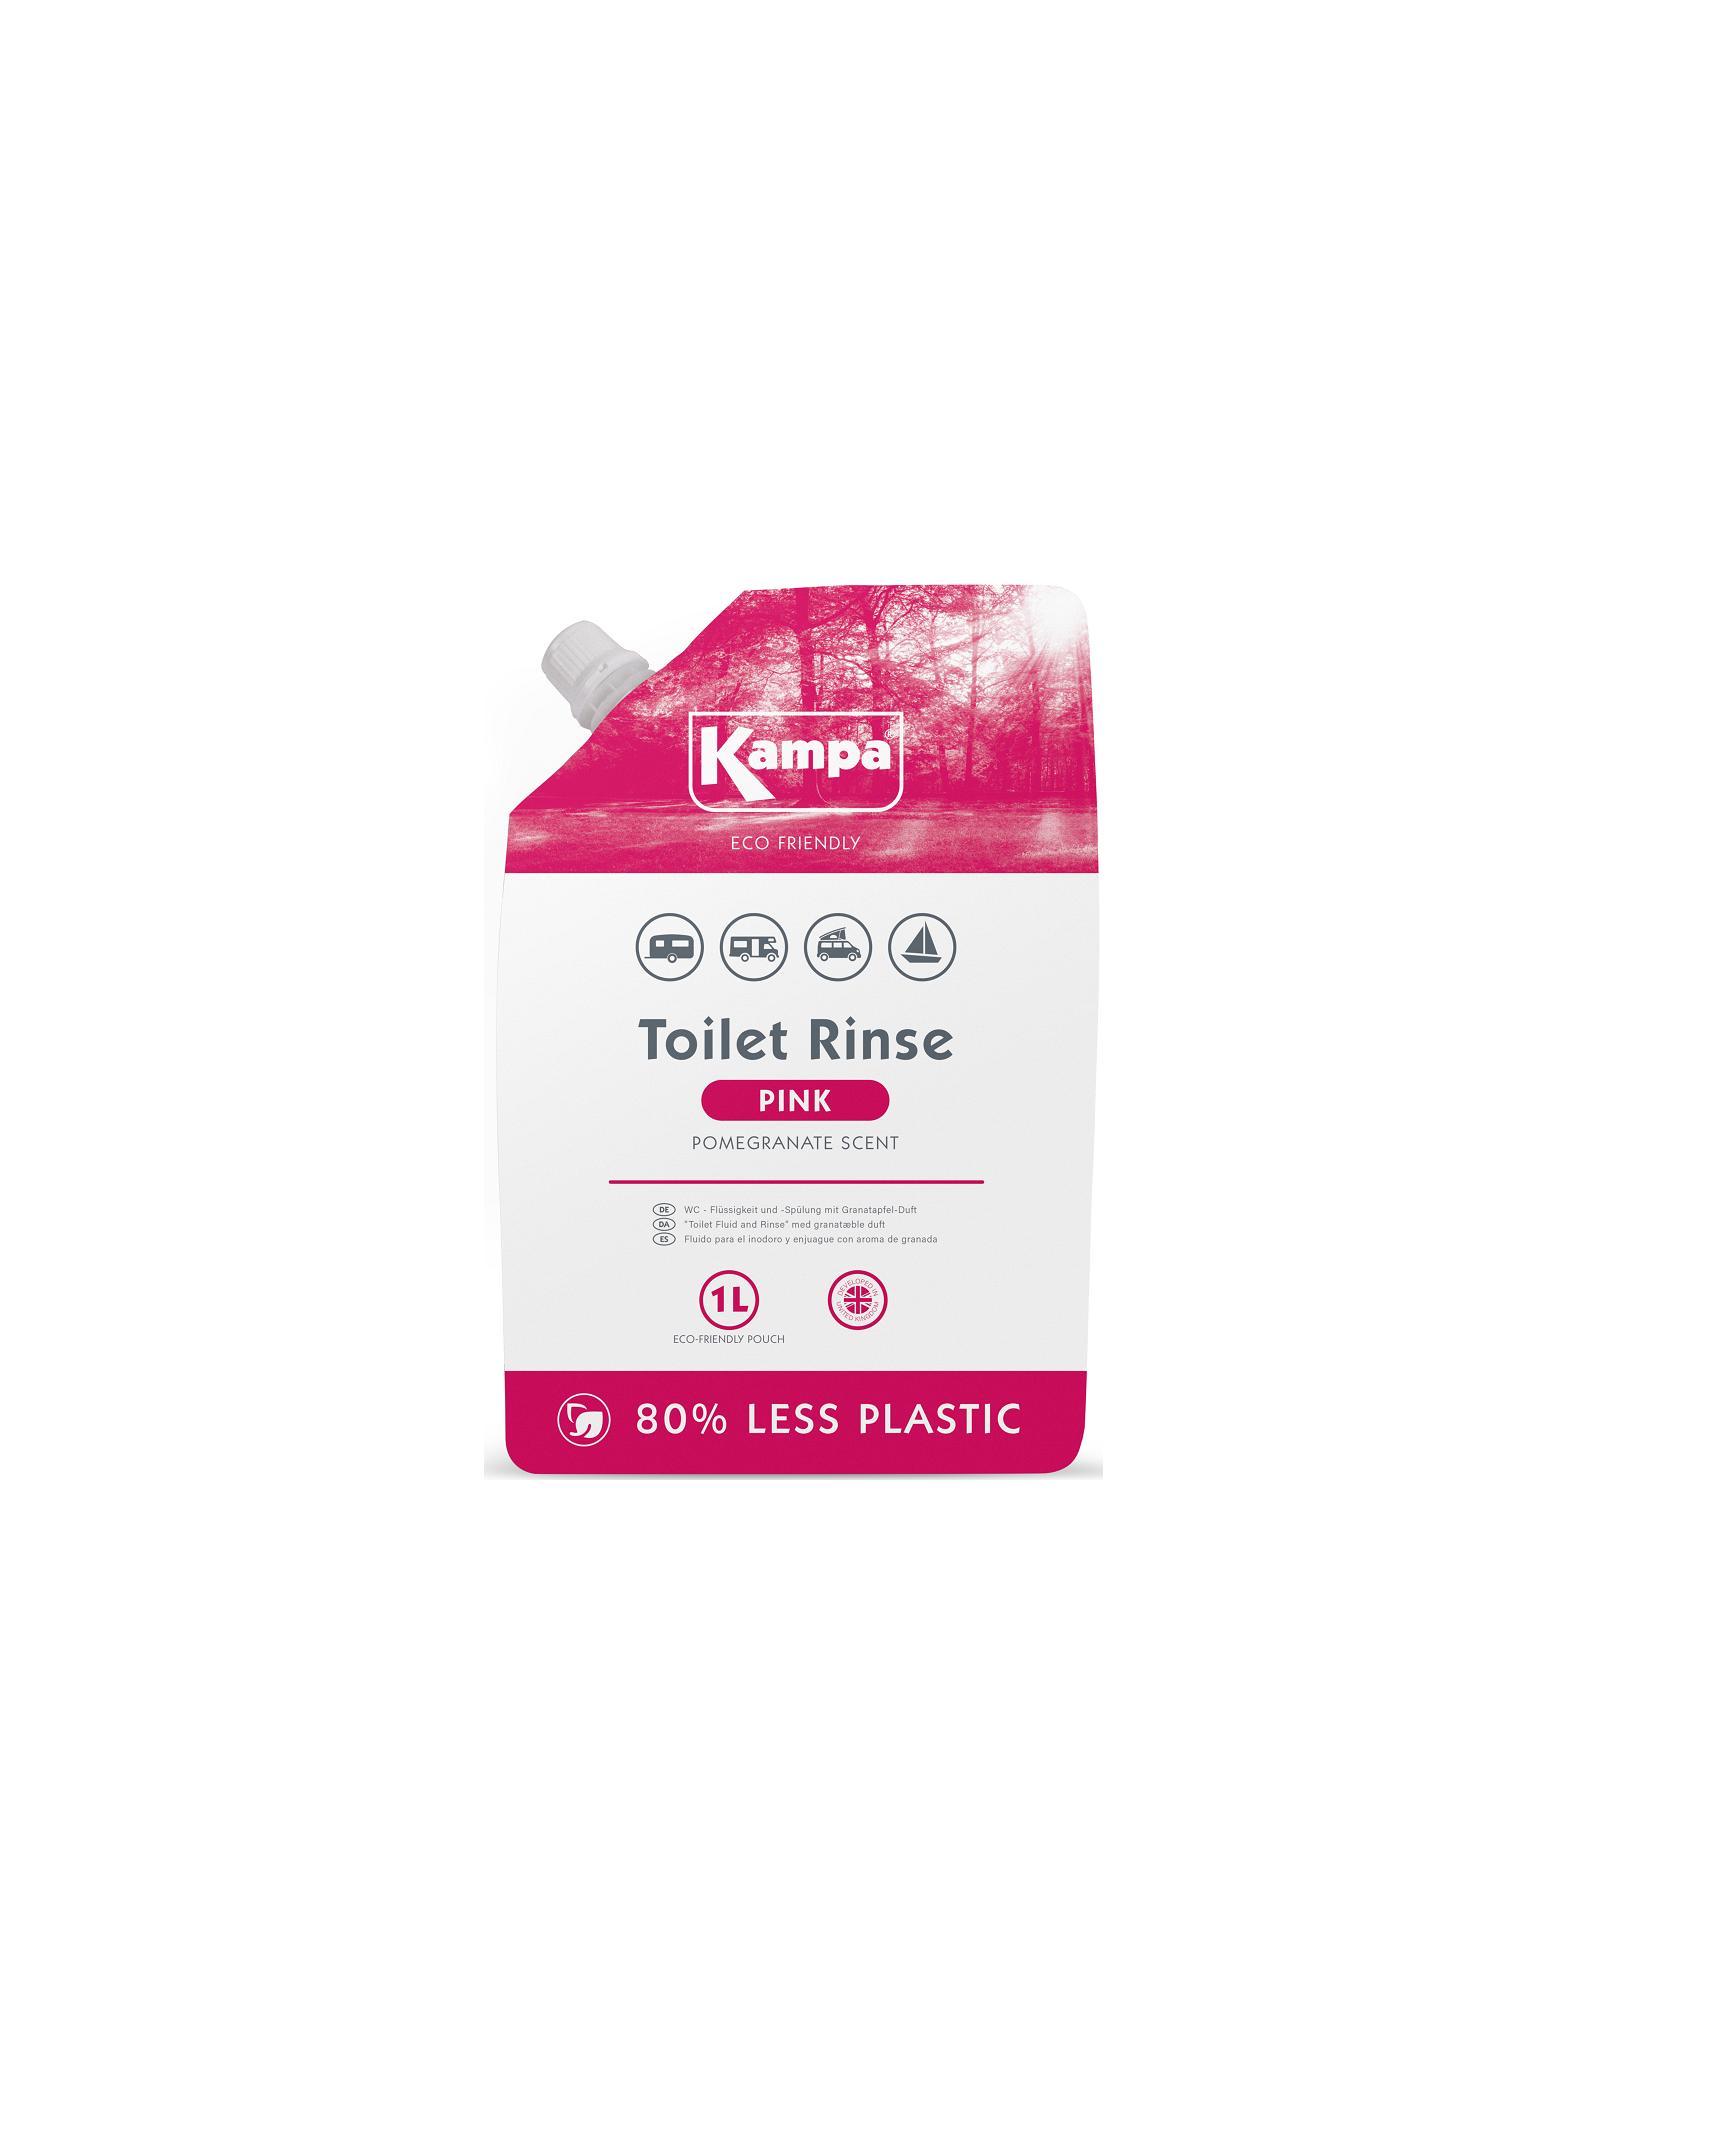 Kampa Eco refill toilet rinse